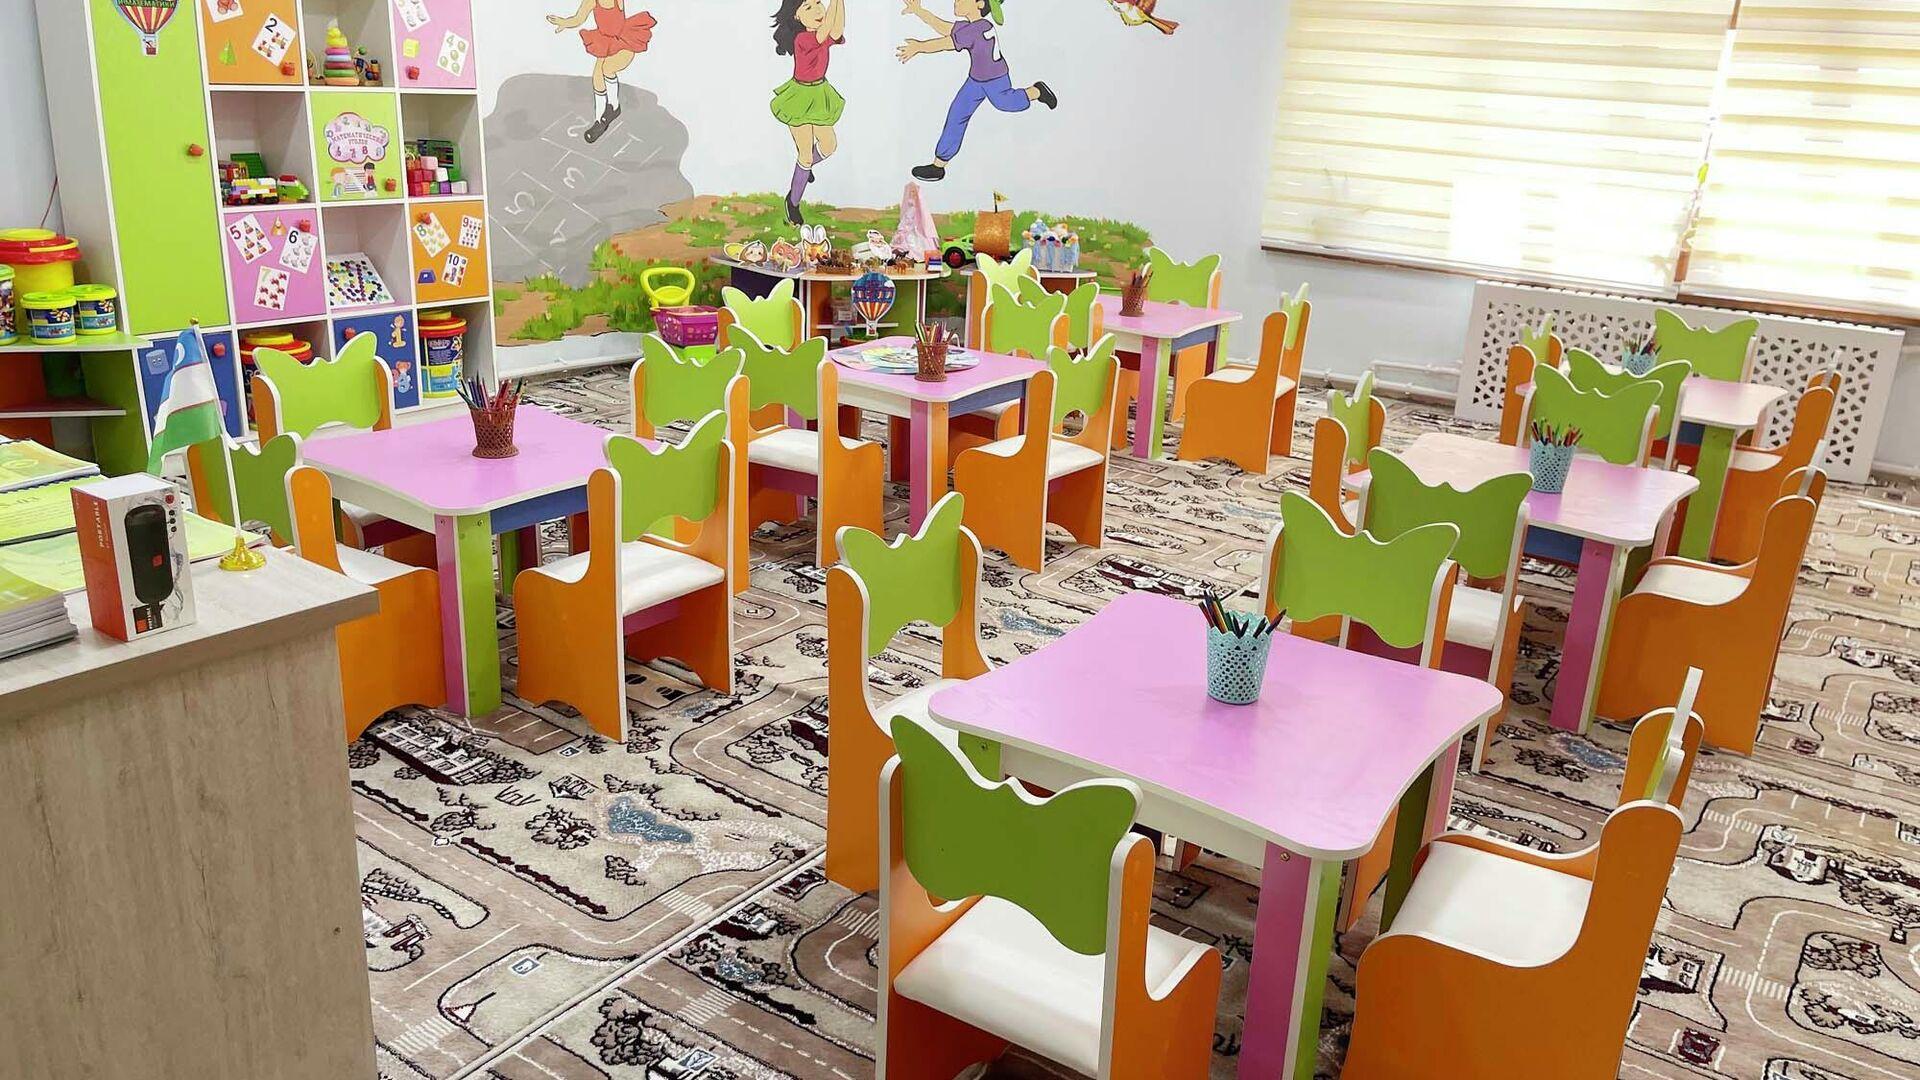 Церемония открытия детского сада в Риштанском районе Ферганской области - Sputnik Узбекистан, 1920, 24.09.2021